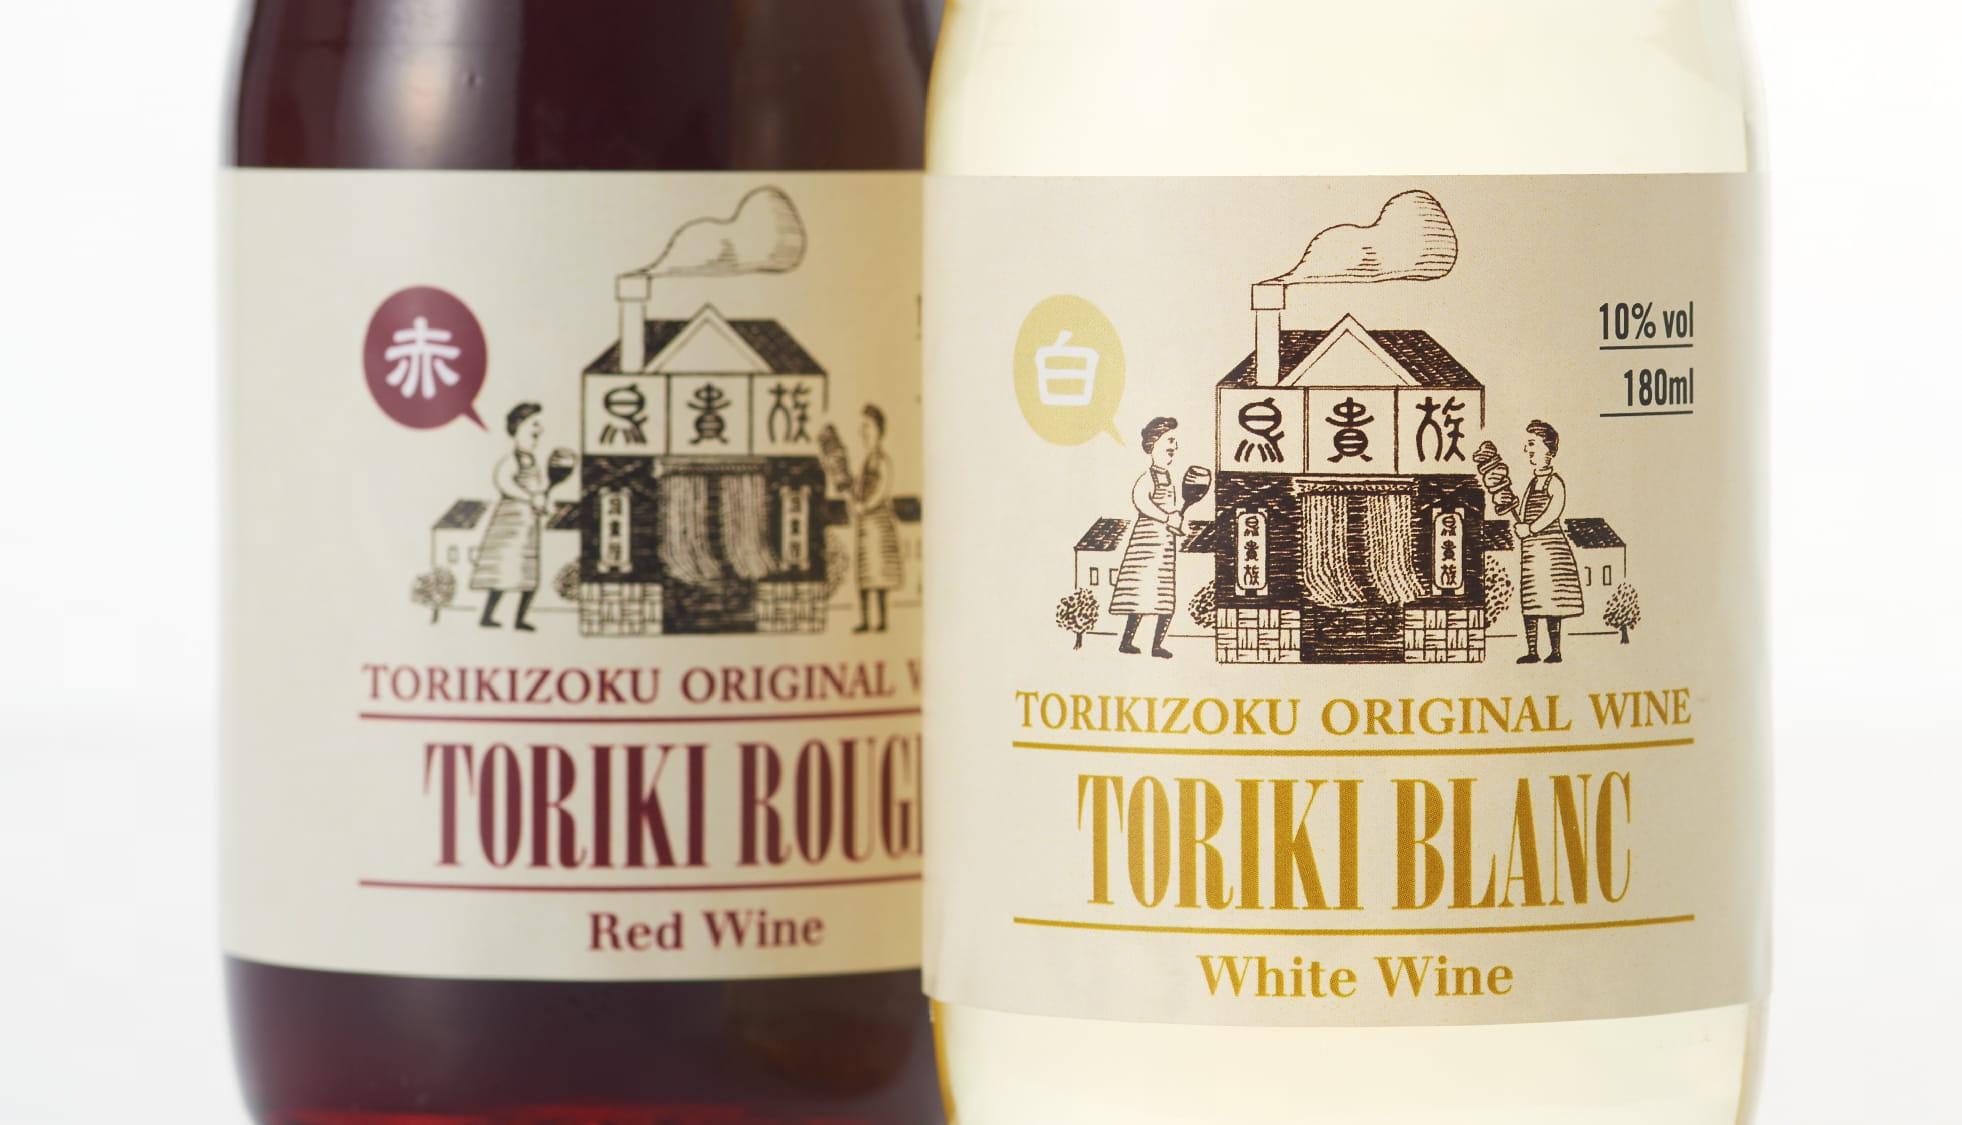 鳥貴族 オリジナルワイン